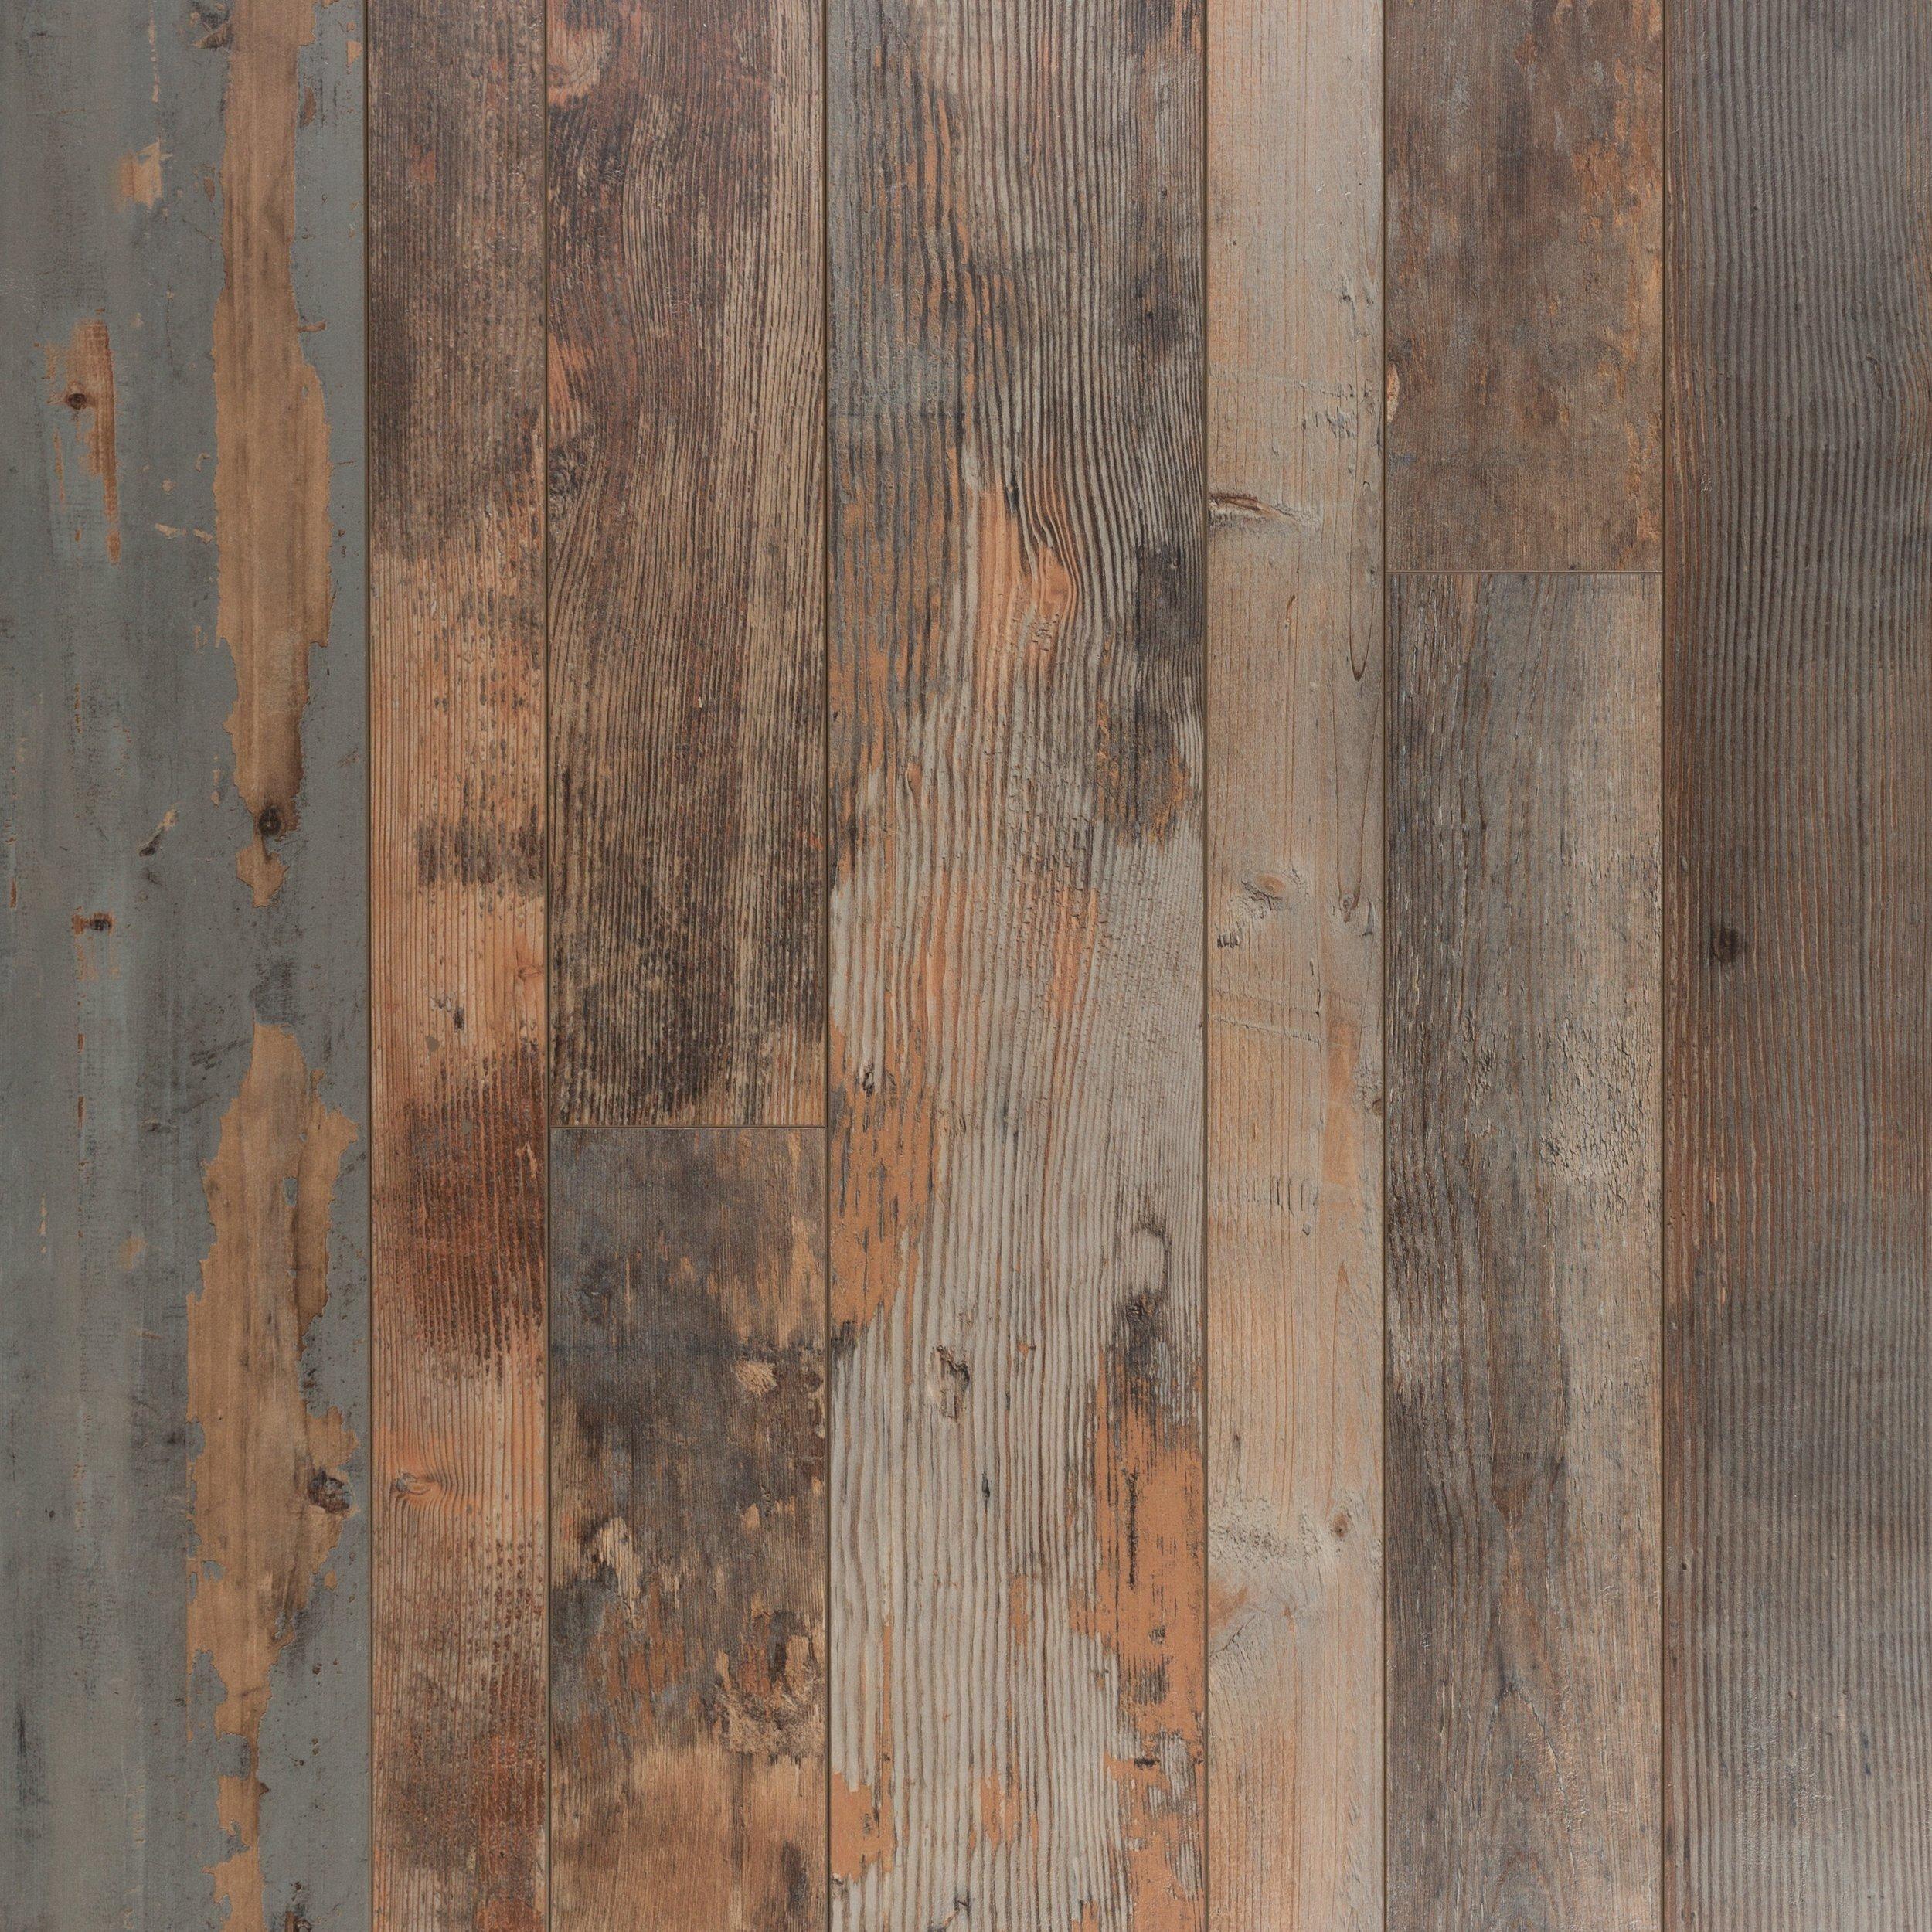 Sundance Random Width Matte Water Resistant Laminate Flooring Luxury Vinyl Plank Waterproof Flooring